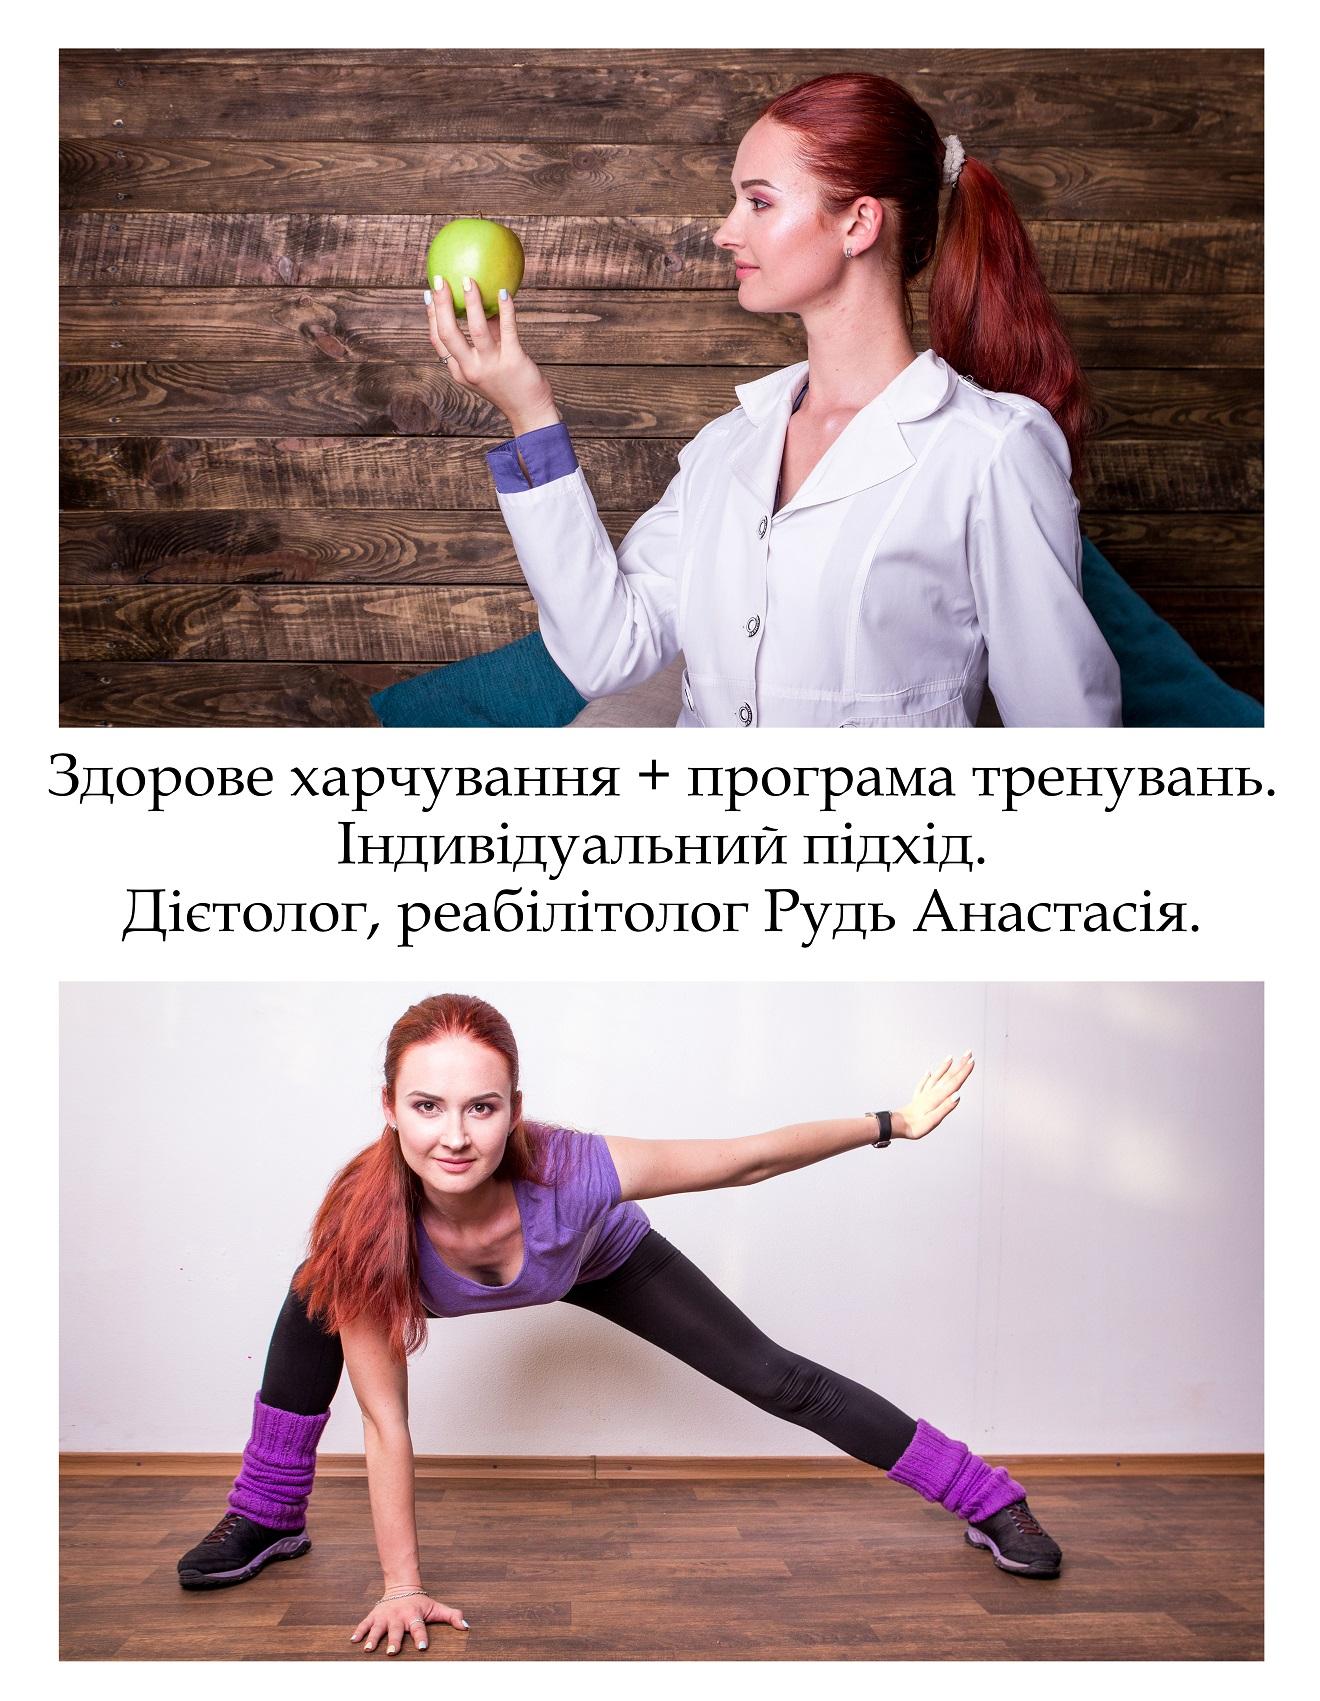 Здоровое питание и тренировки в Запорожье